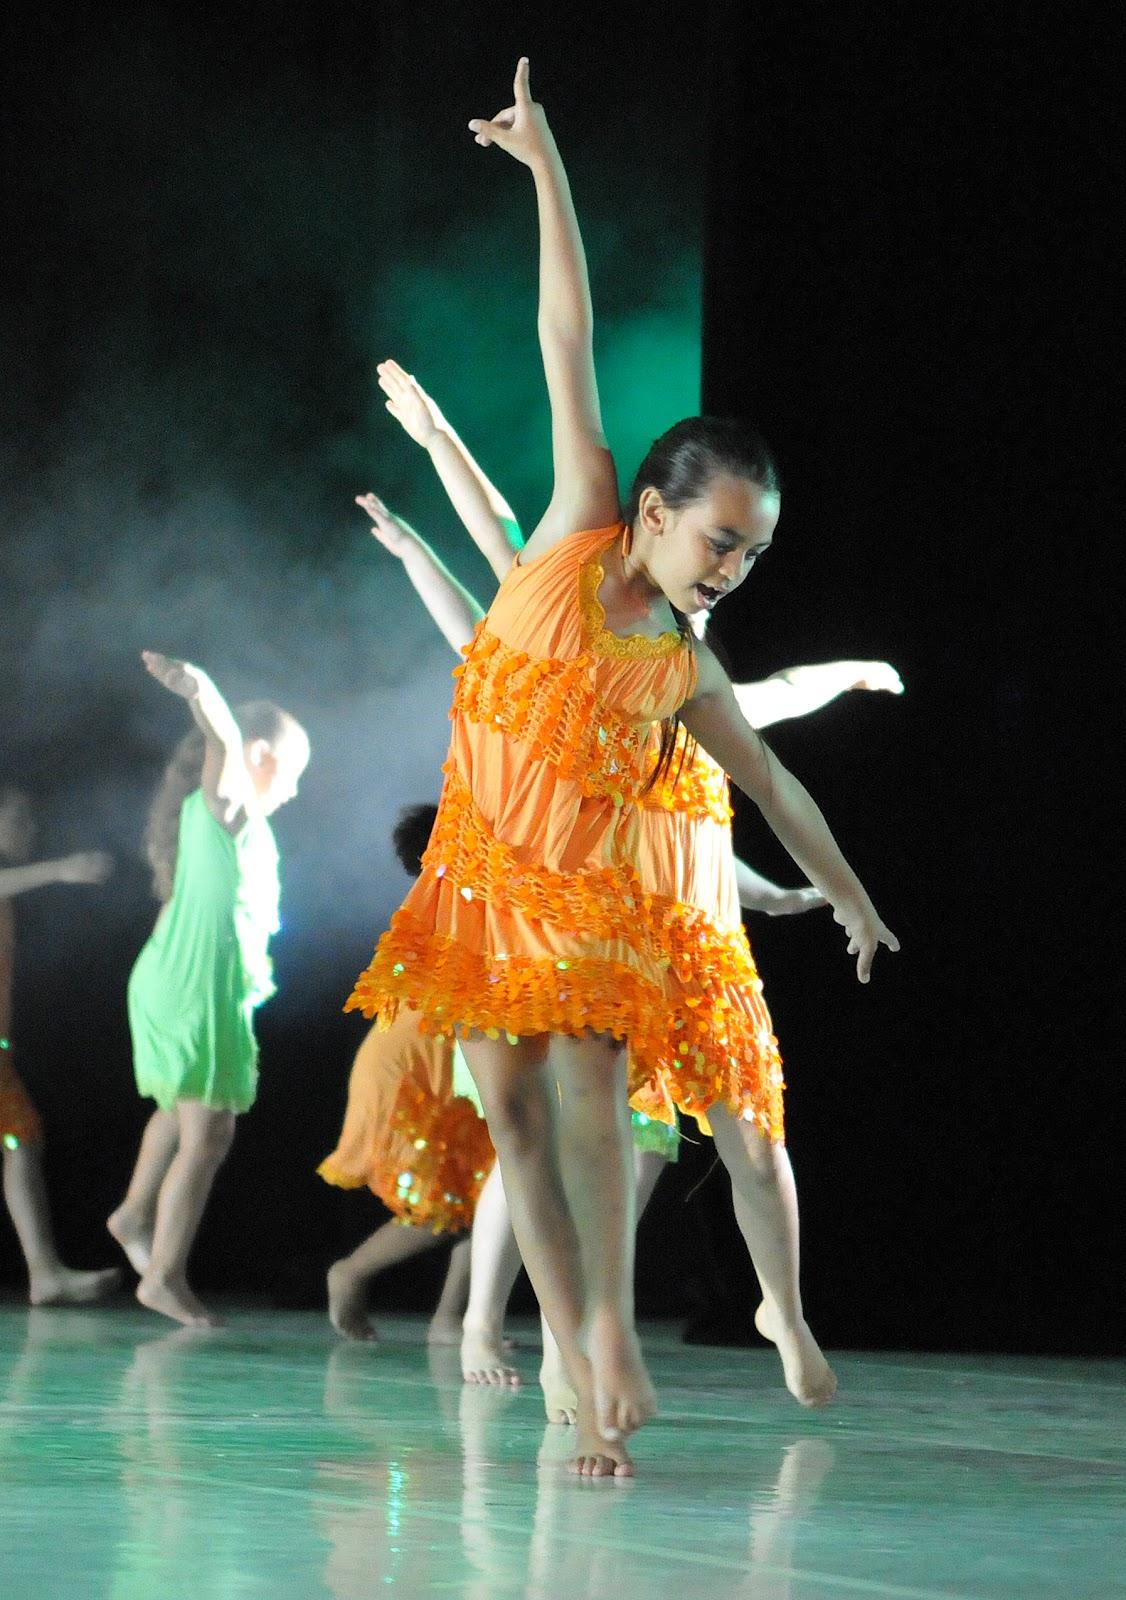 evolution ecole de danse marseille bouches du rhone ecole de danse evolution gala 28 juin 2012